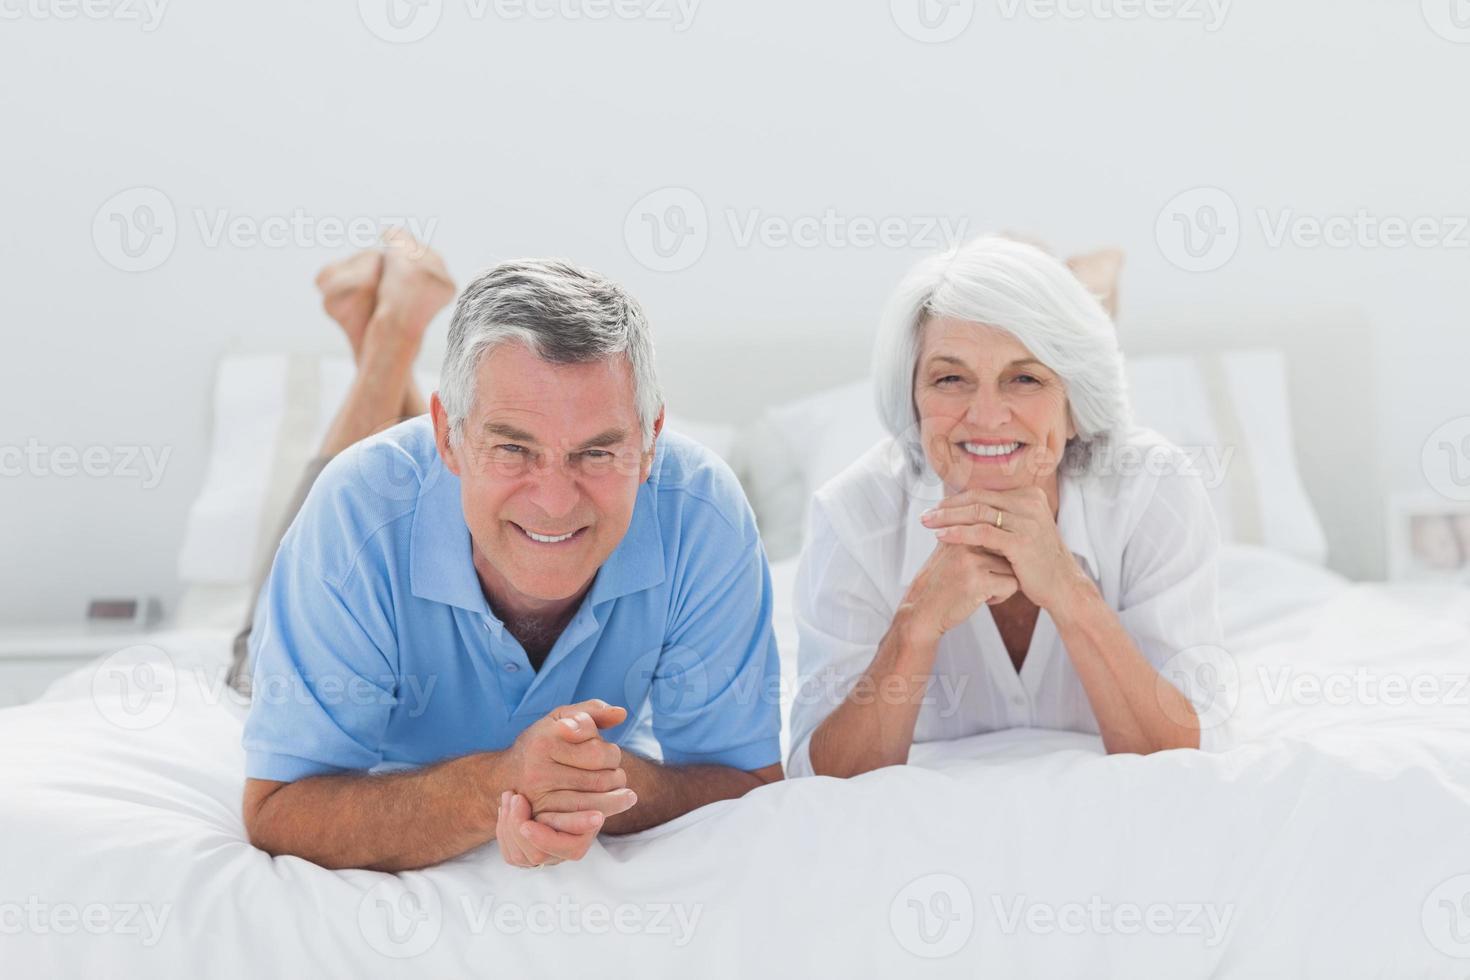 par som ligger tillsammans i sängen foto